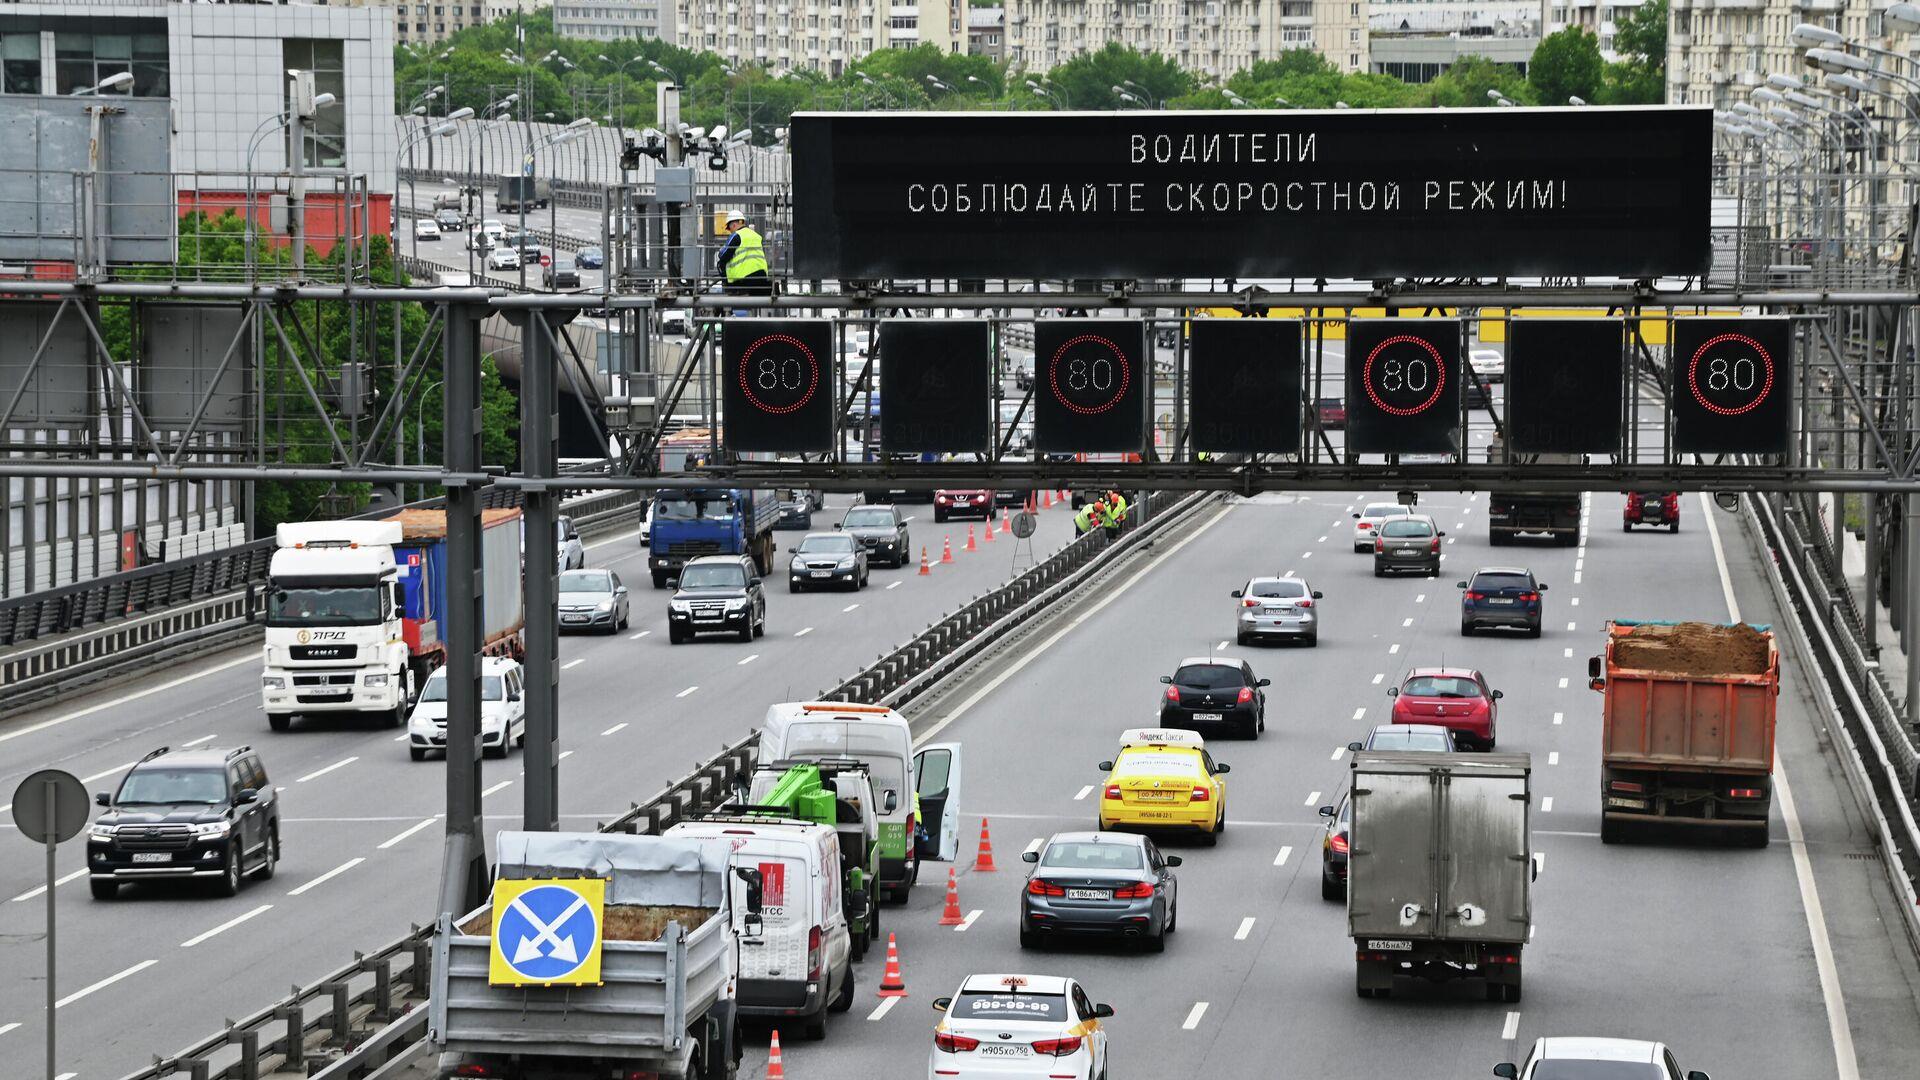 Предупреждение о соблюдении скоростного режима над дорогой в Москве - РИА Новости, 1920, 17.06.2021